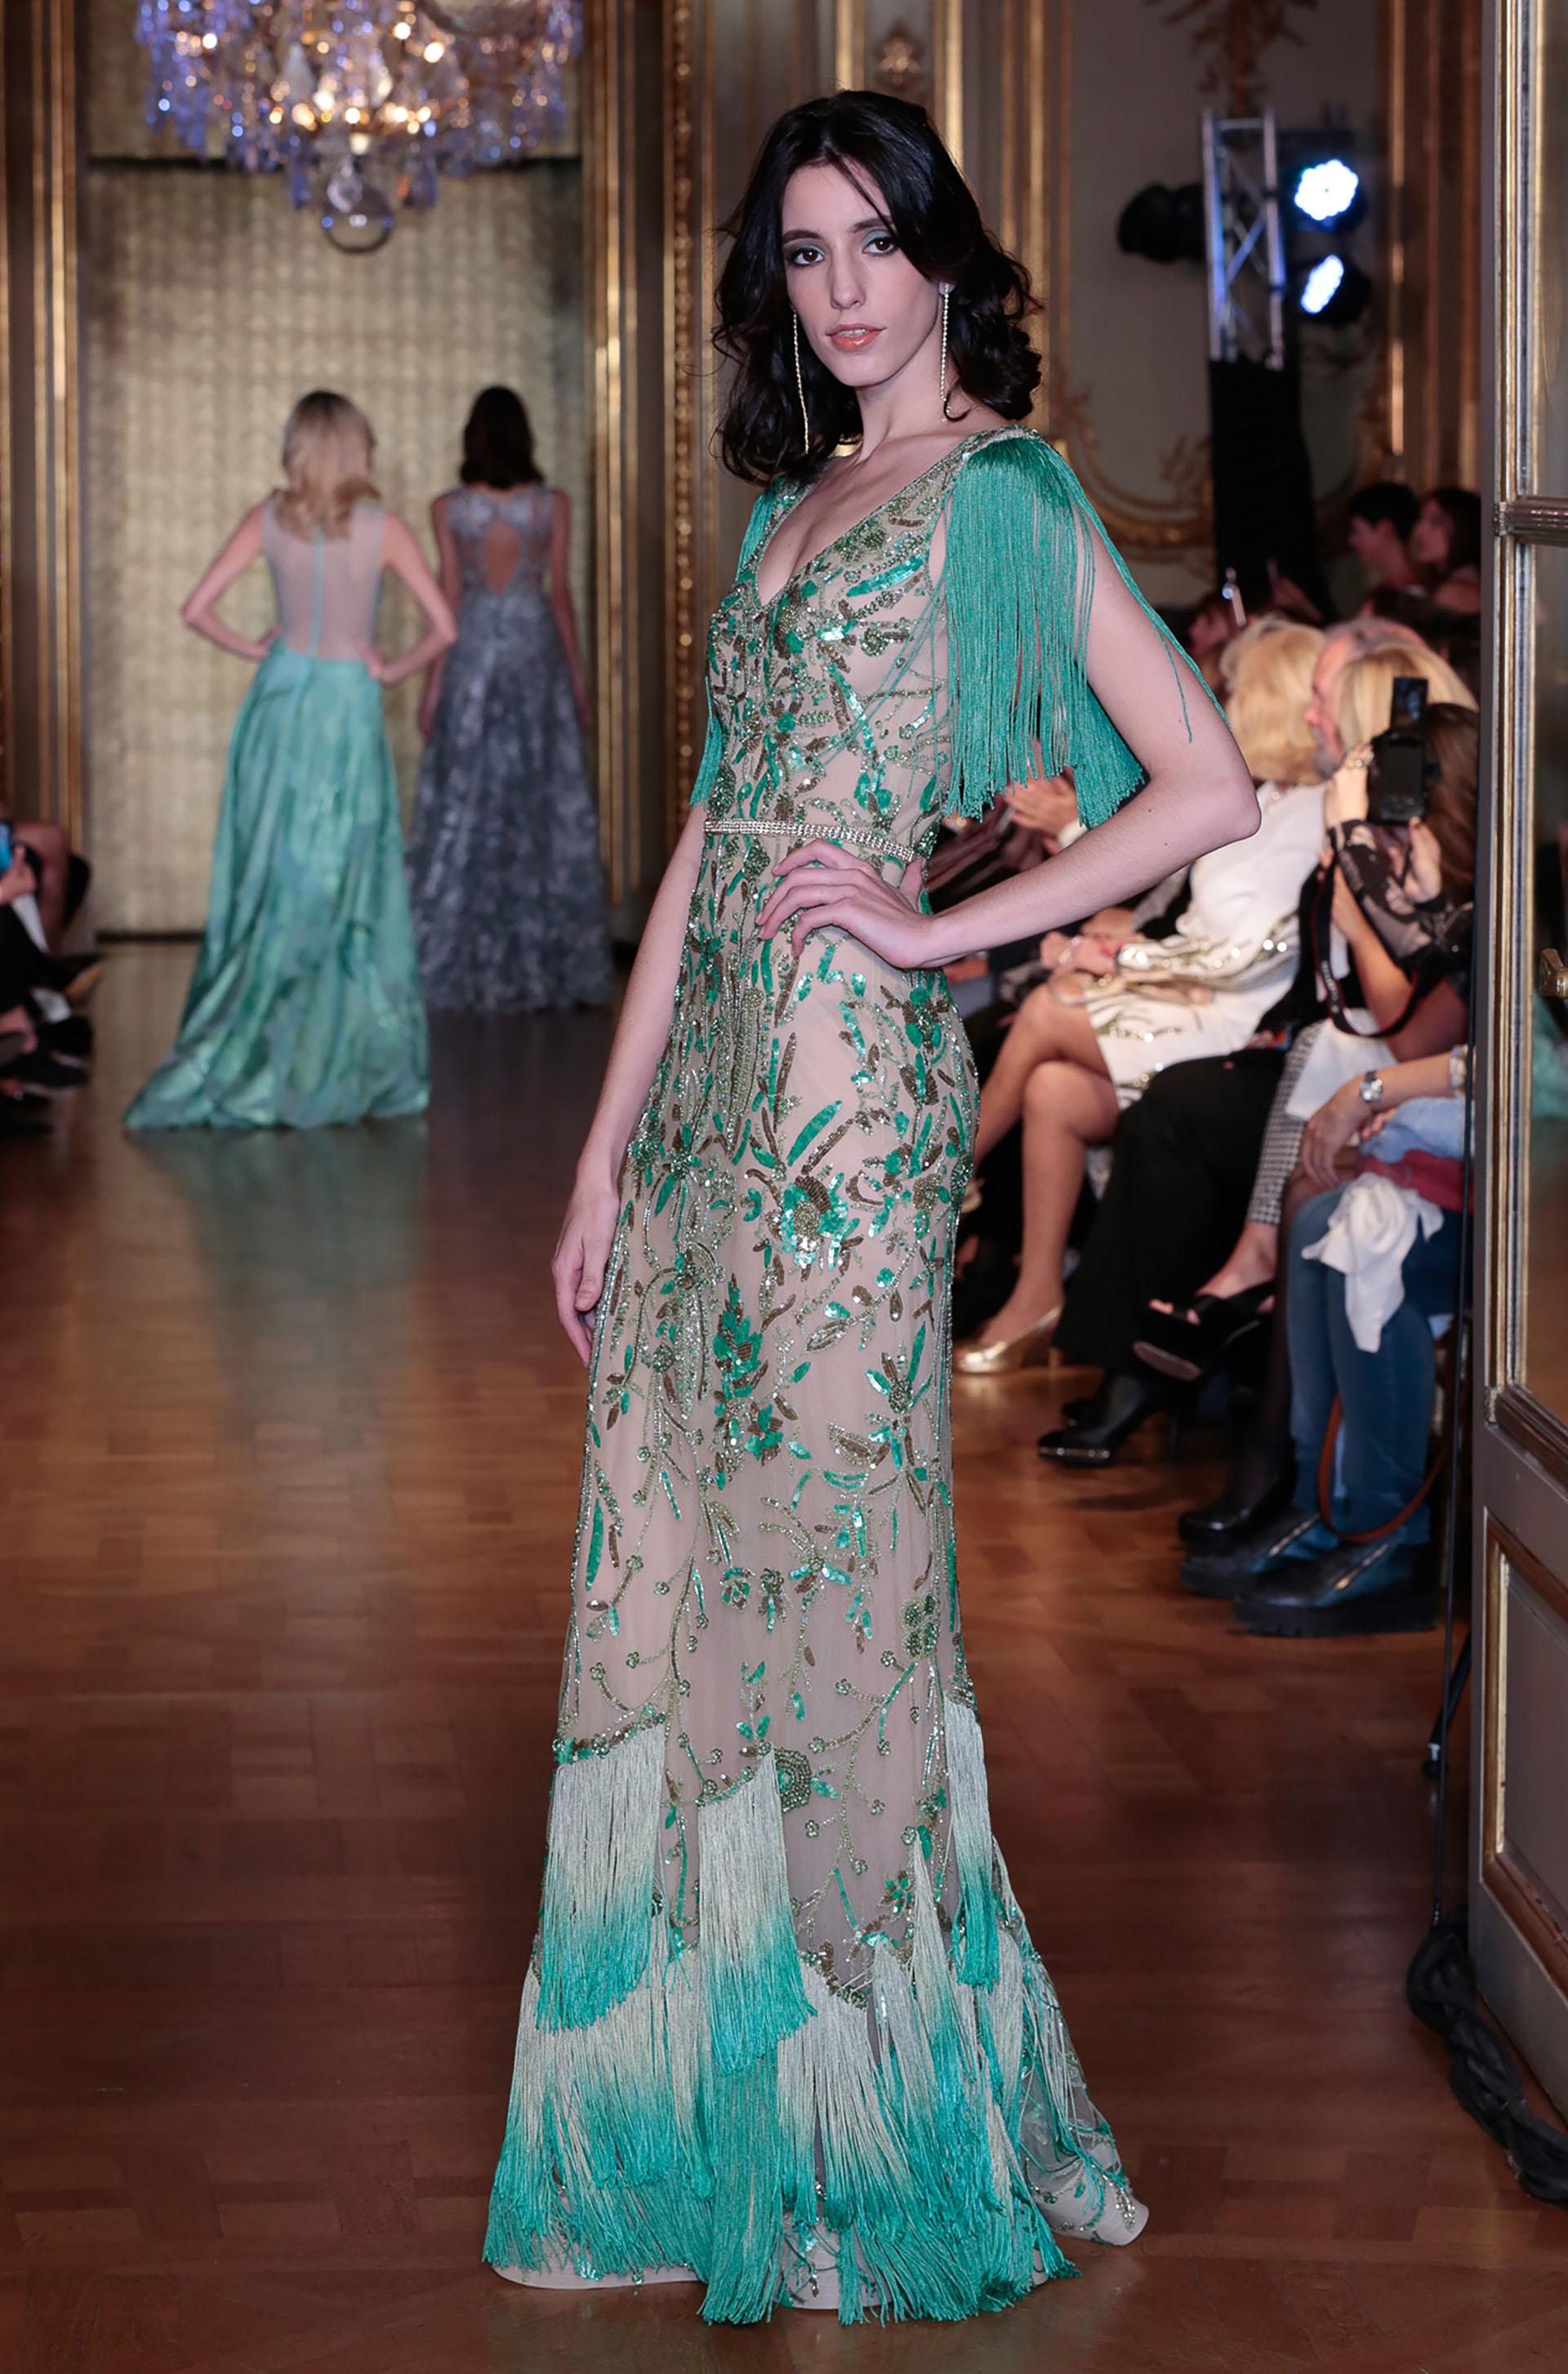 Hace 28 años que Gabriel Lage despliega su pasión expresándose a través de los diseños, colores y materiales preferidos para cada una de sus creaciones: el empeño en enmarcar la belleza femenina destacando su estilo y personalidad son el fundamento de su colección